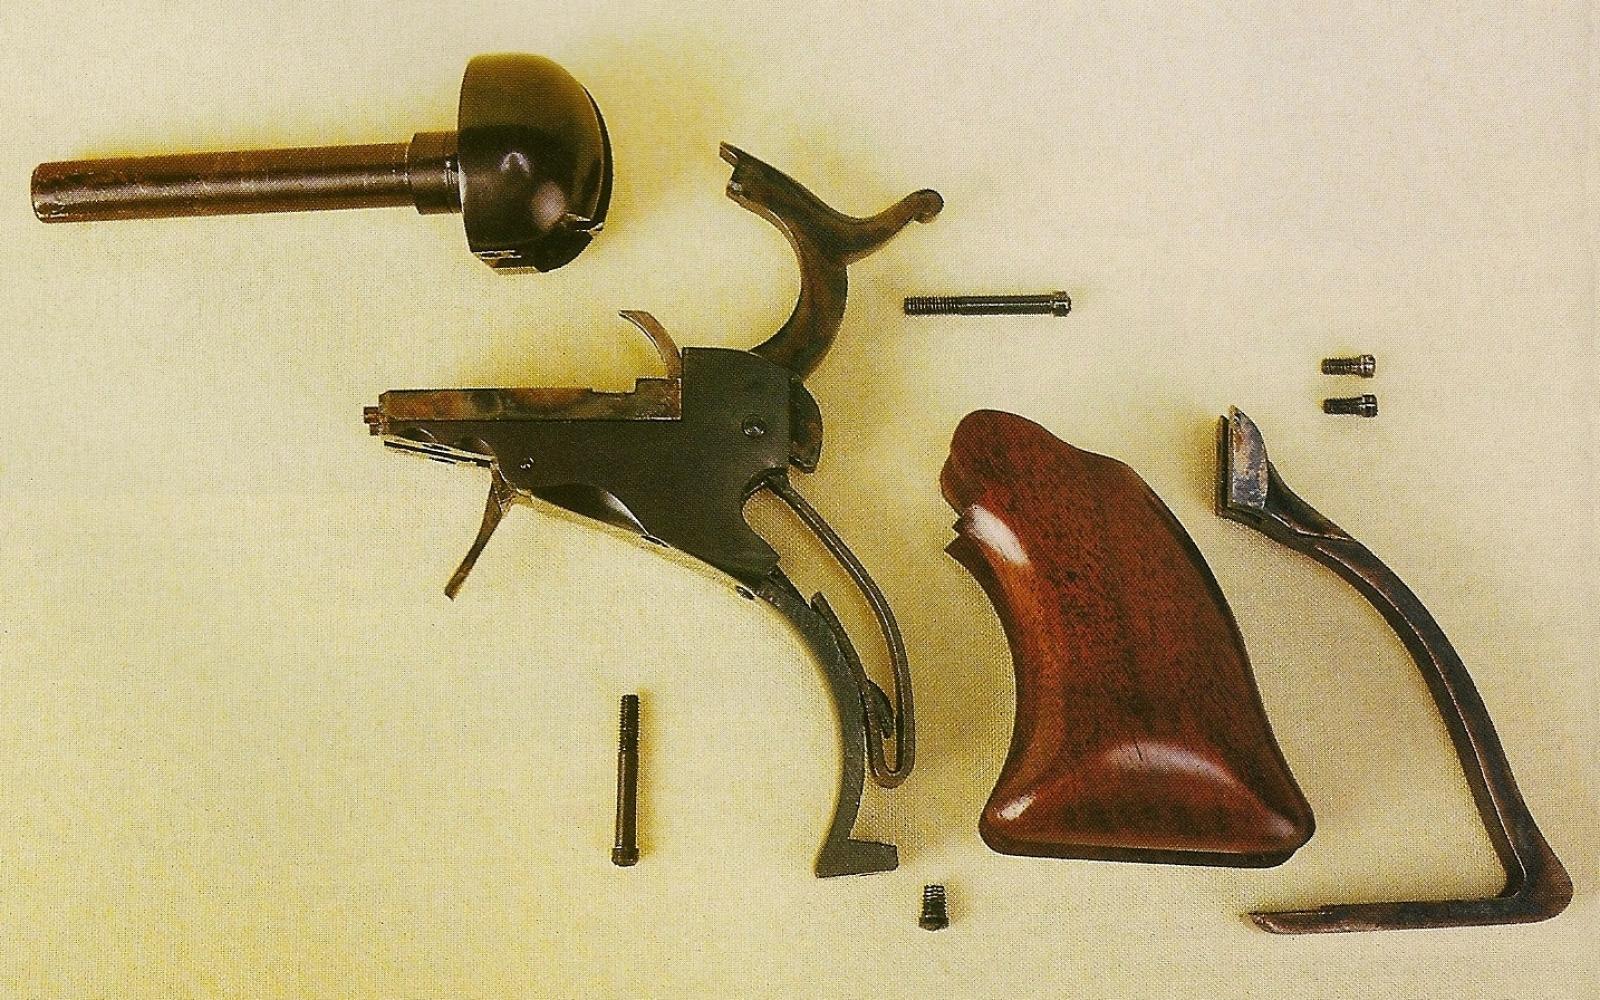 Le mécanisme des Colt Paterson est beaucoup plus complexe que celui qui équipera les revolvers Colt de la seconde génération. Heureusement son démontage, assez délicat, n'est pas indispensable lors du nettoyage : sa conception intelligente et ses ajustages serrés le protègent assez efficacement contre l'intrusion de résidus de poudre brûlée.